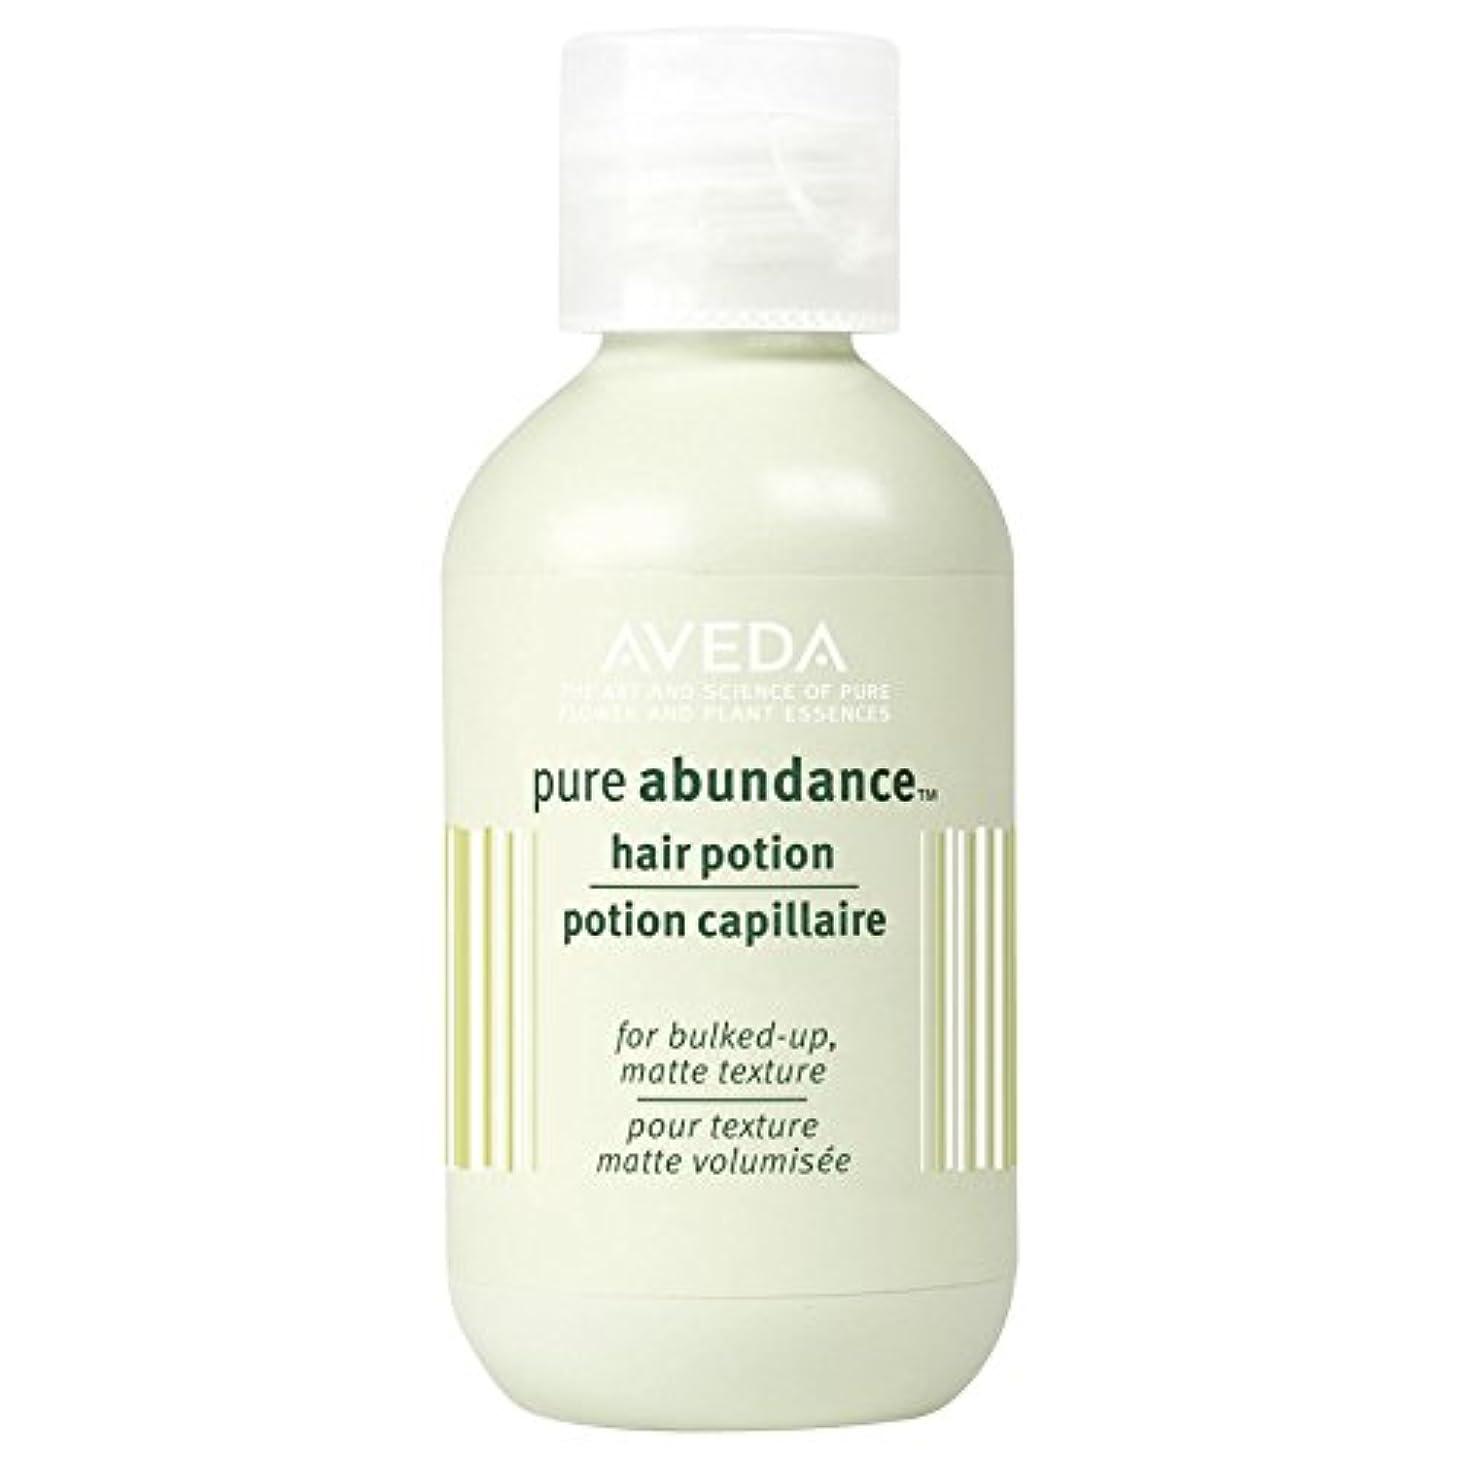 マインド余剰マキシム[AVEDA] アヴェダピュア豊富ヘアポーション20グラム - Aveda Pure Abundance Hair Potion 20g [並行輸入品]